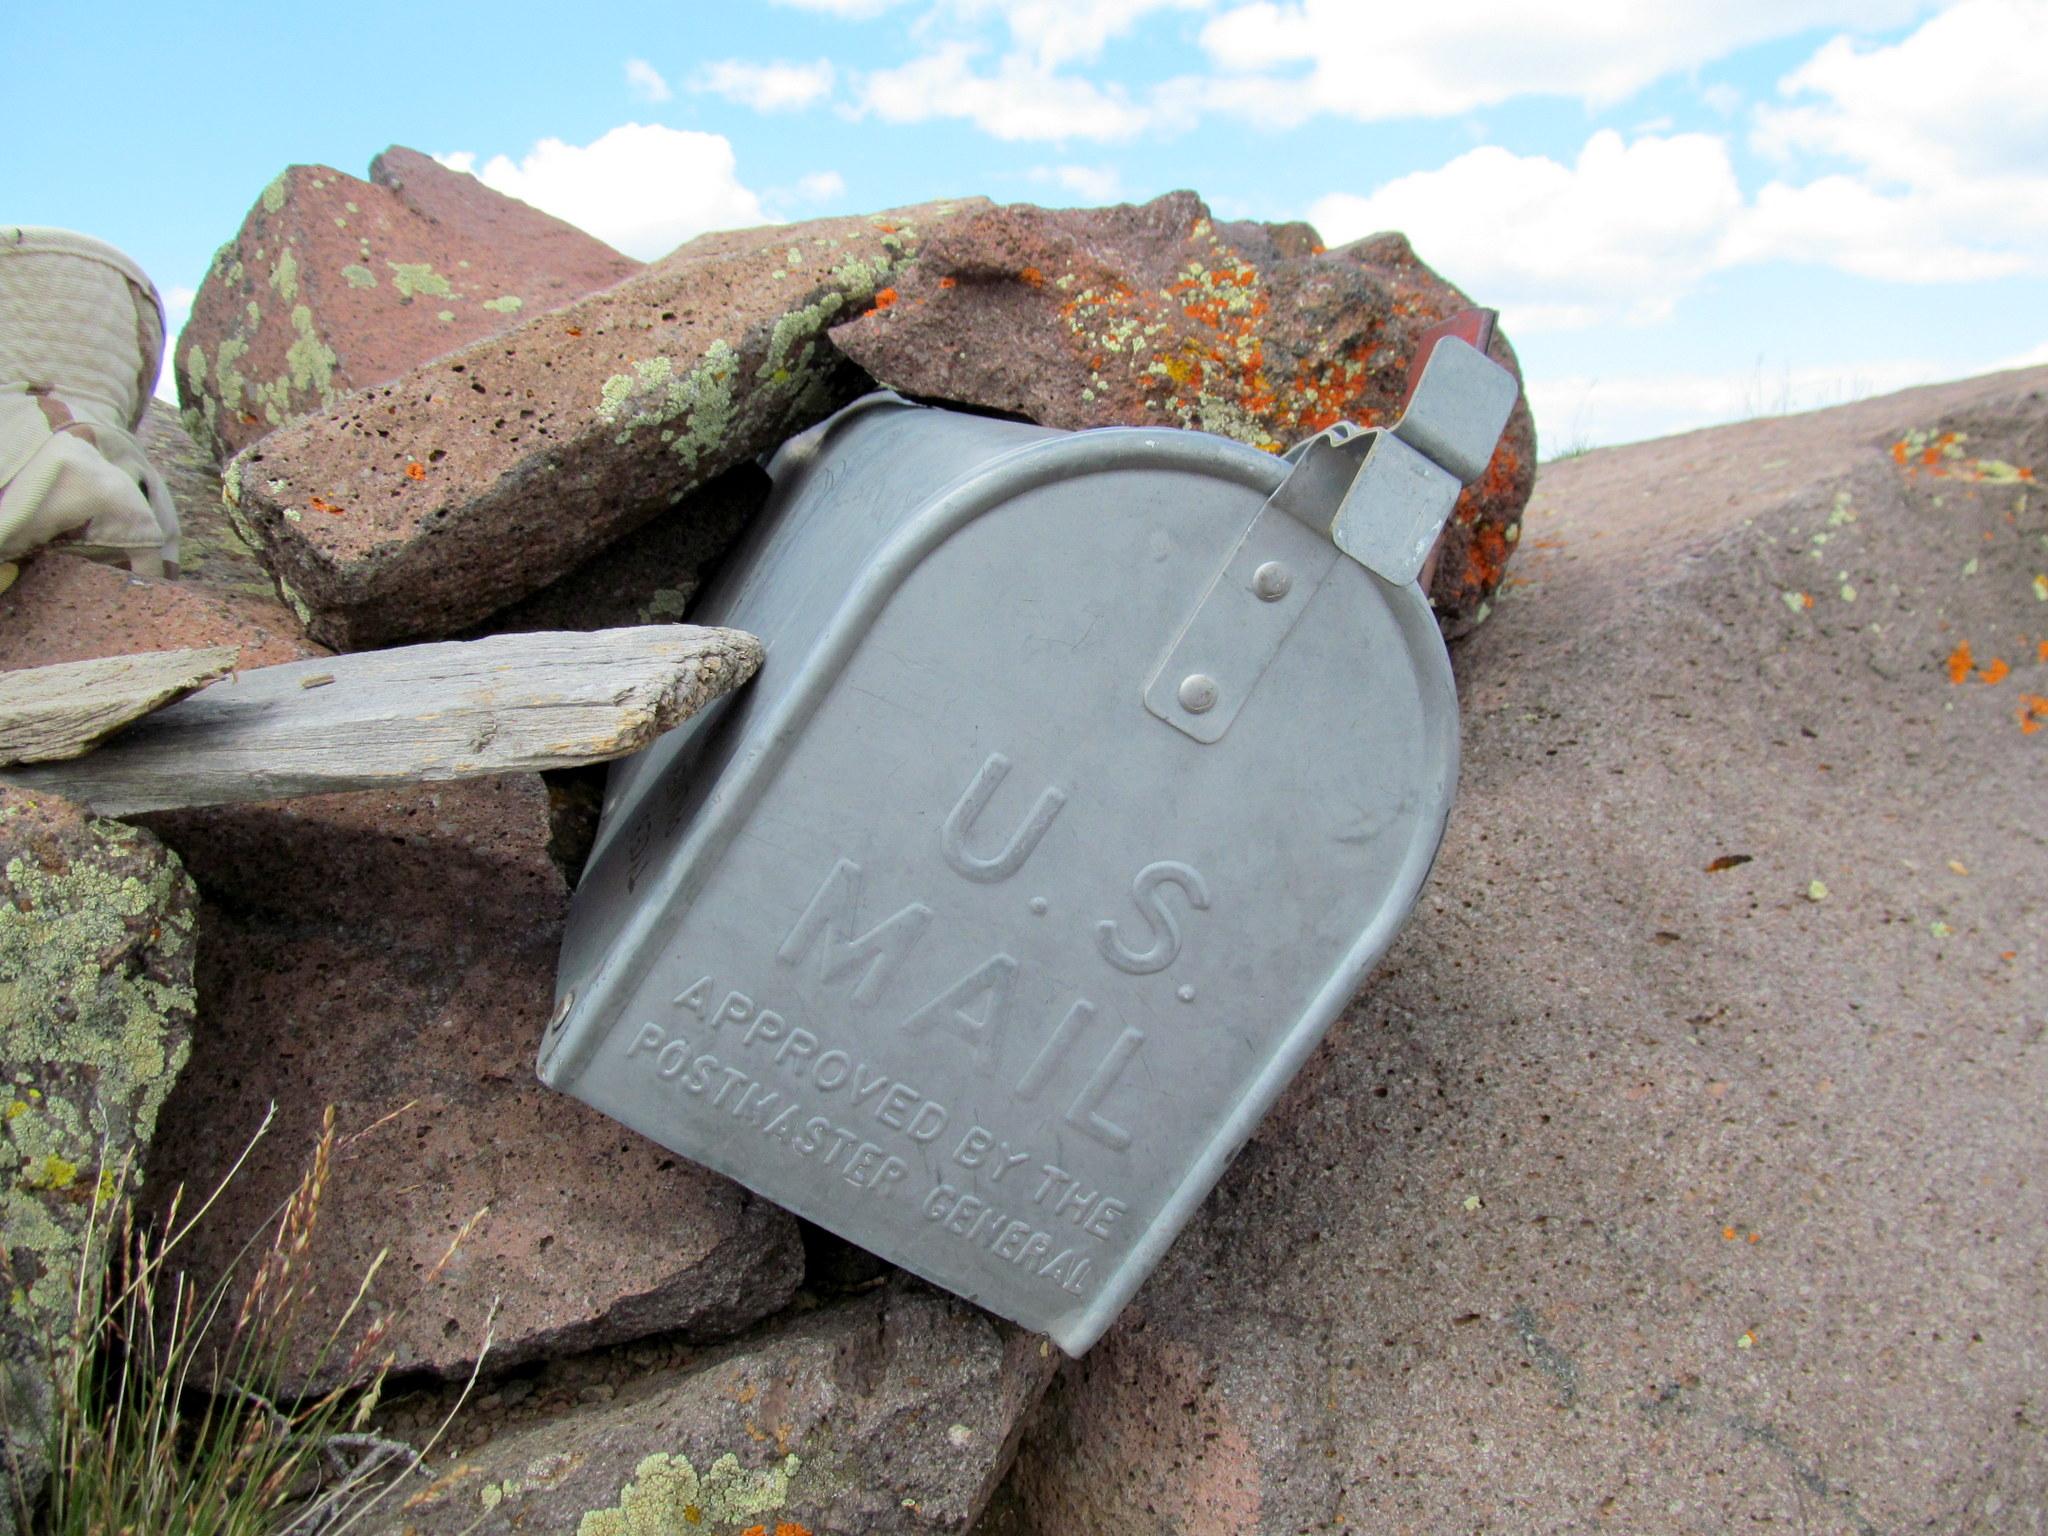 Photo: Mailbox